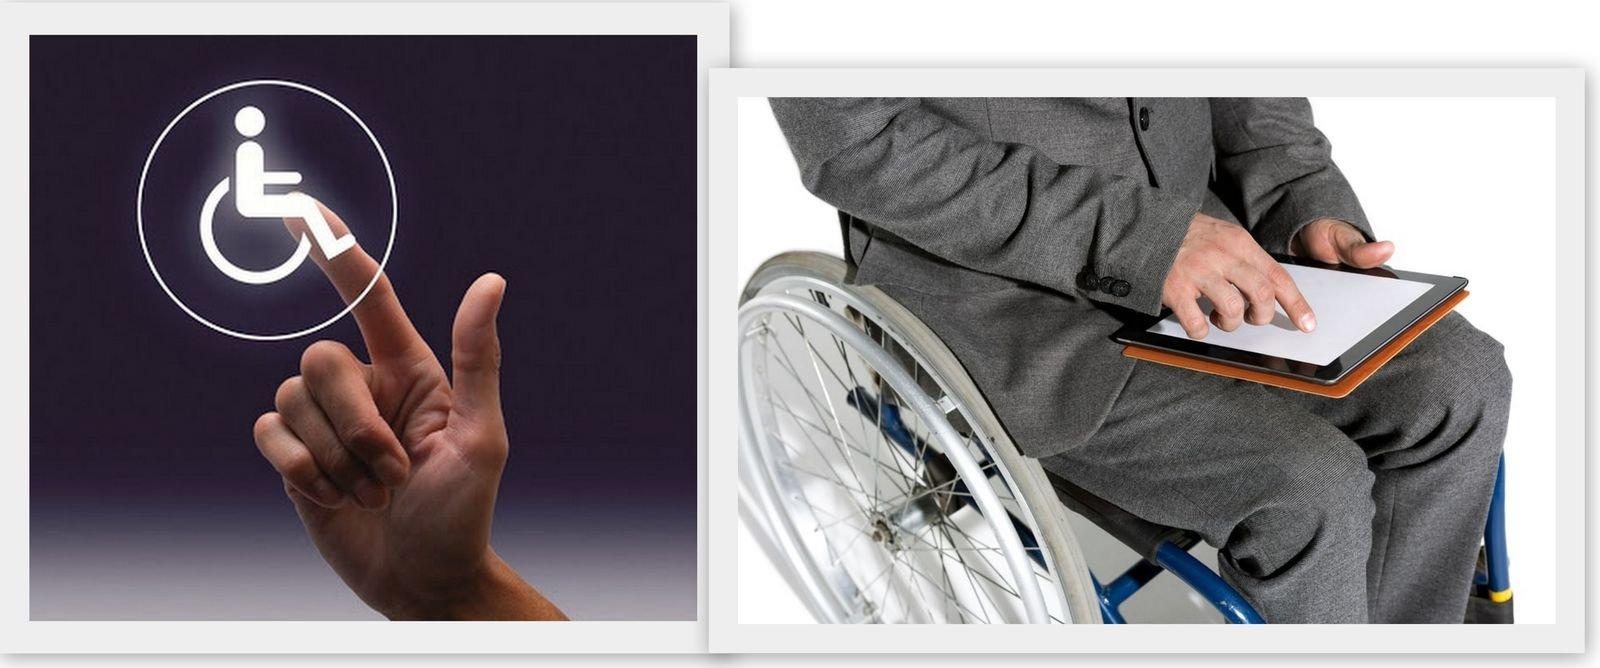 Онлайн-инструменты для получения льгот инвалидам в 2021 году